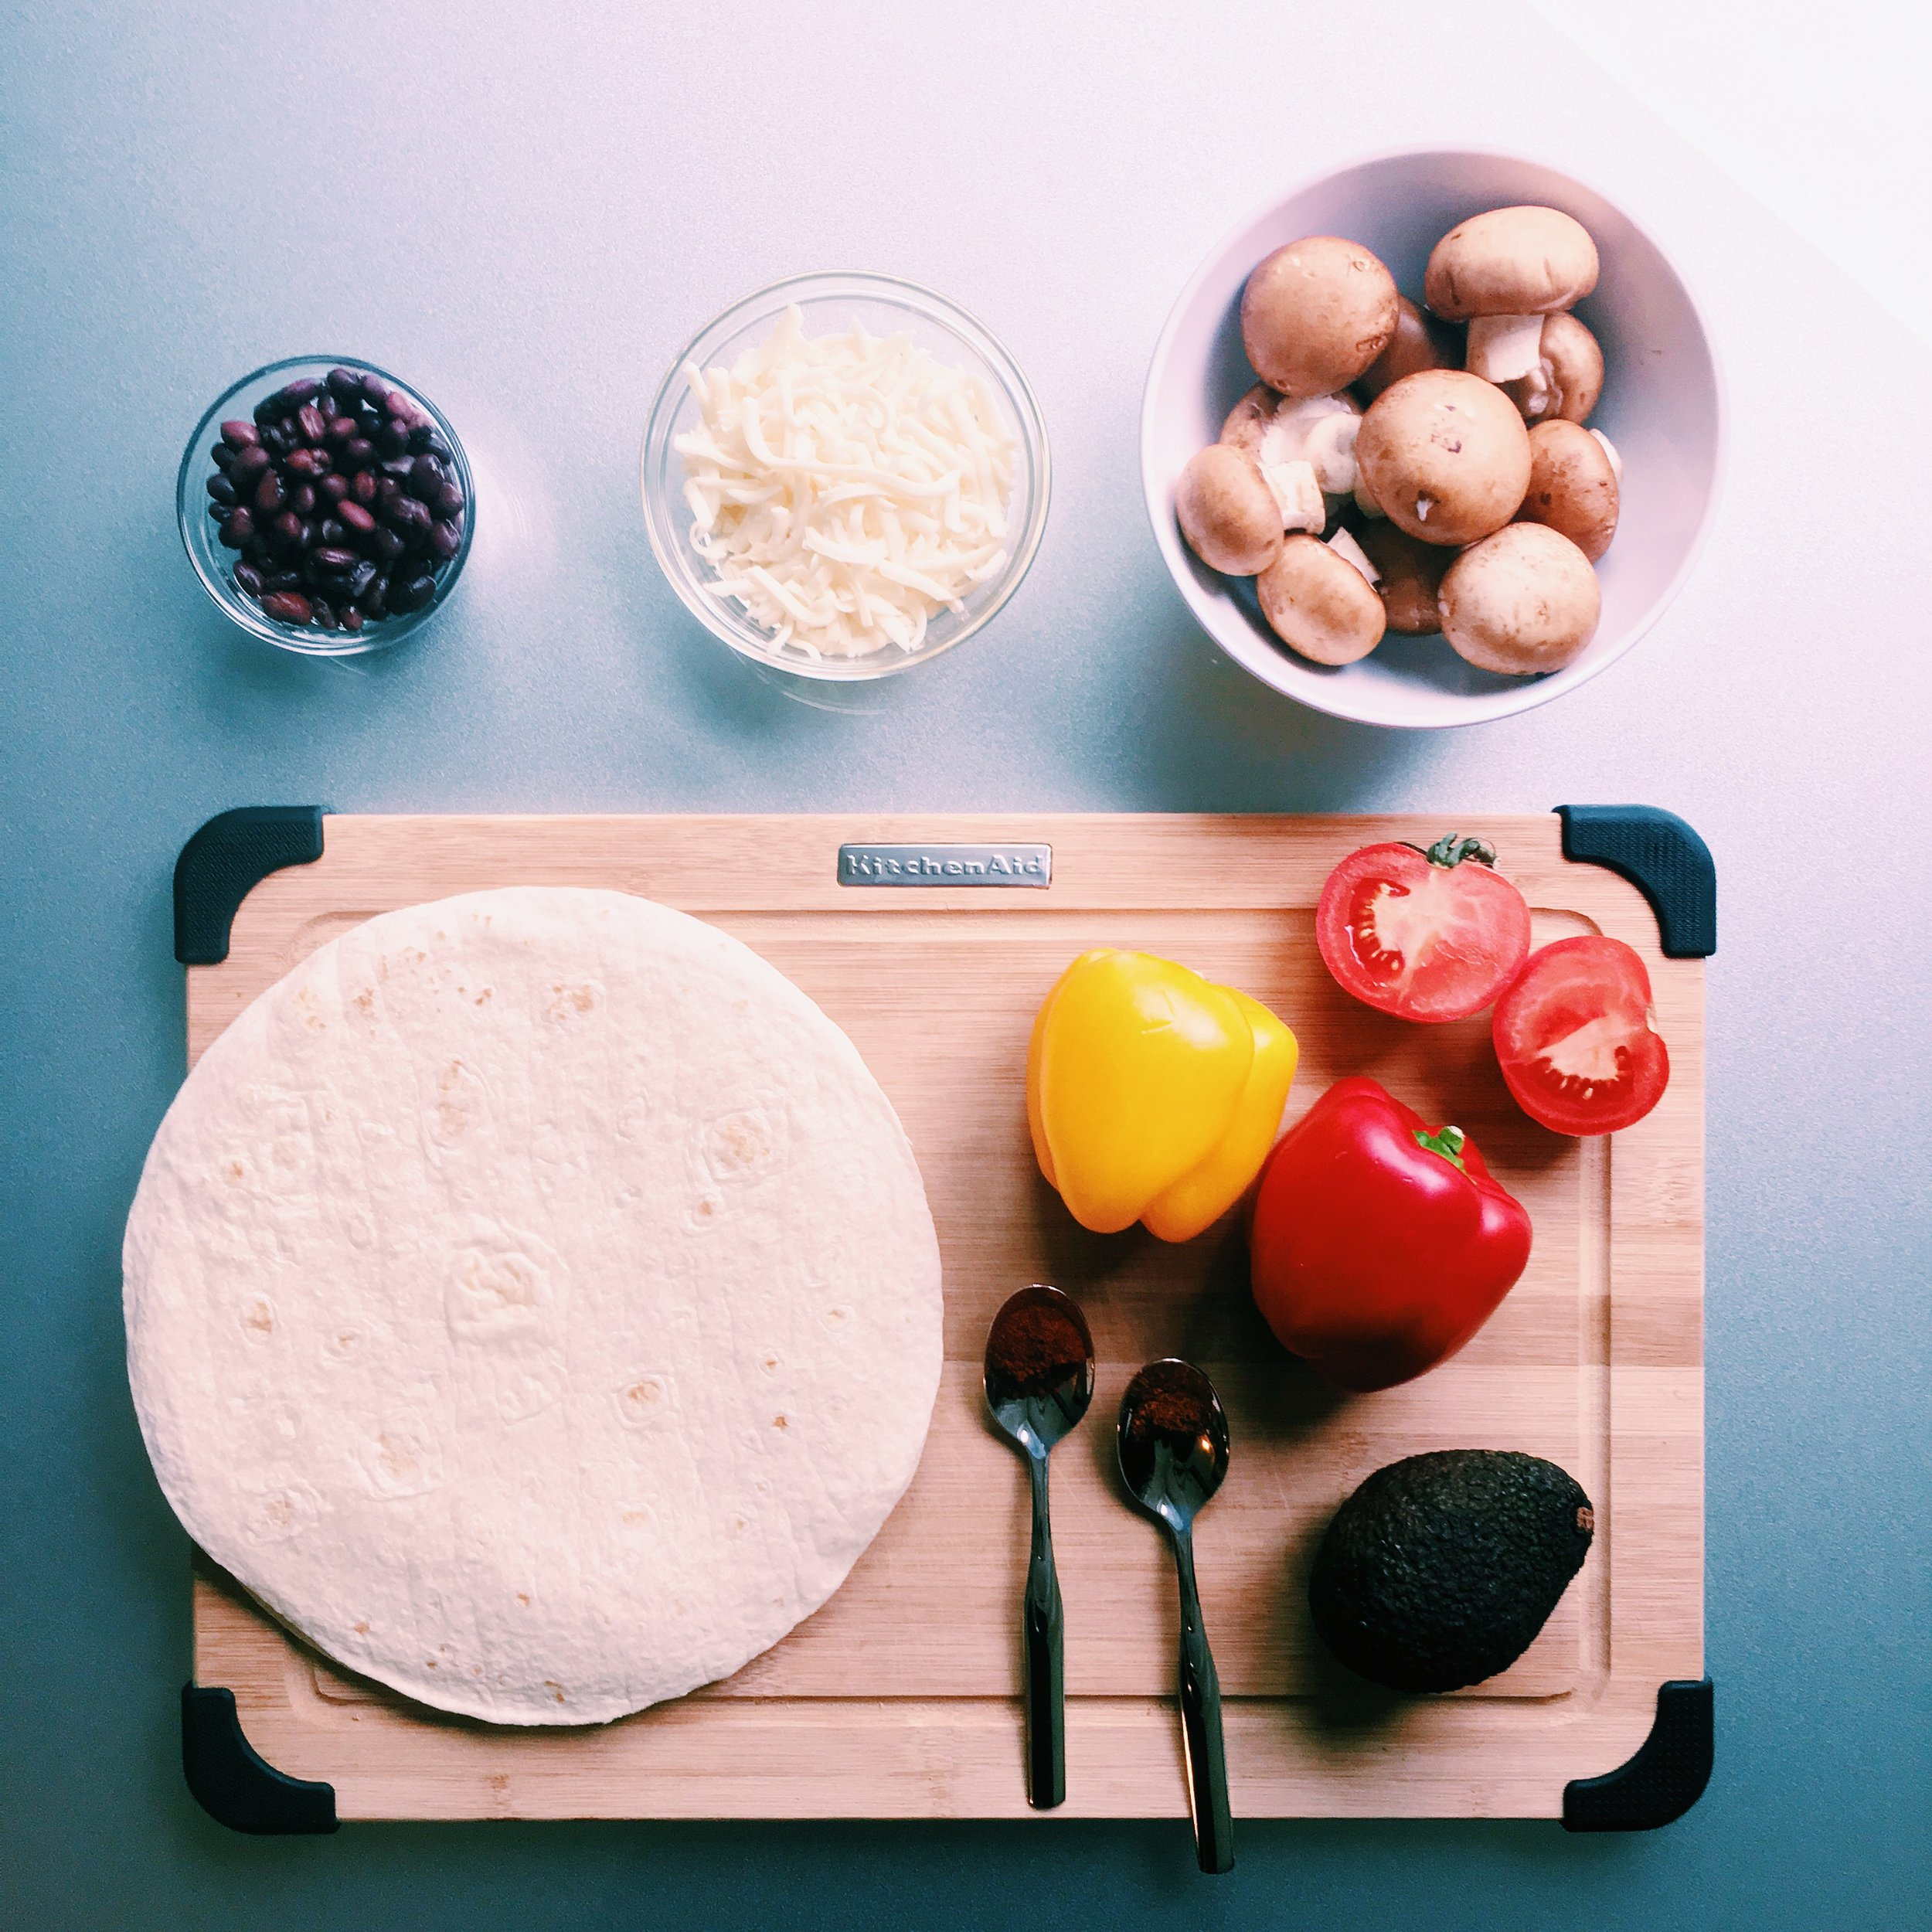 Vegetable Quesadilla ingredients